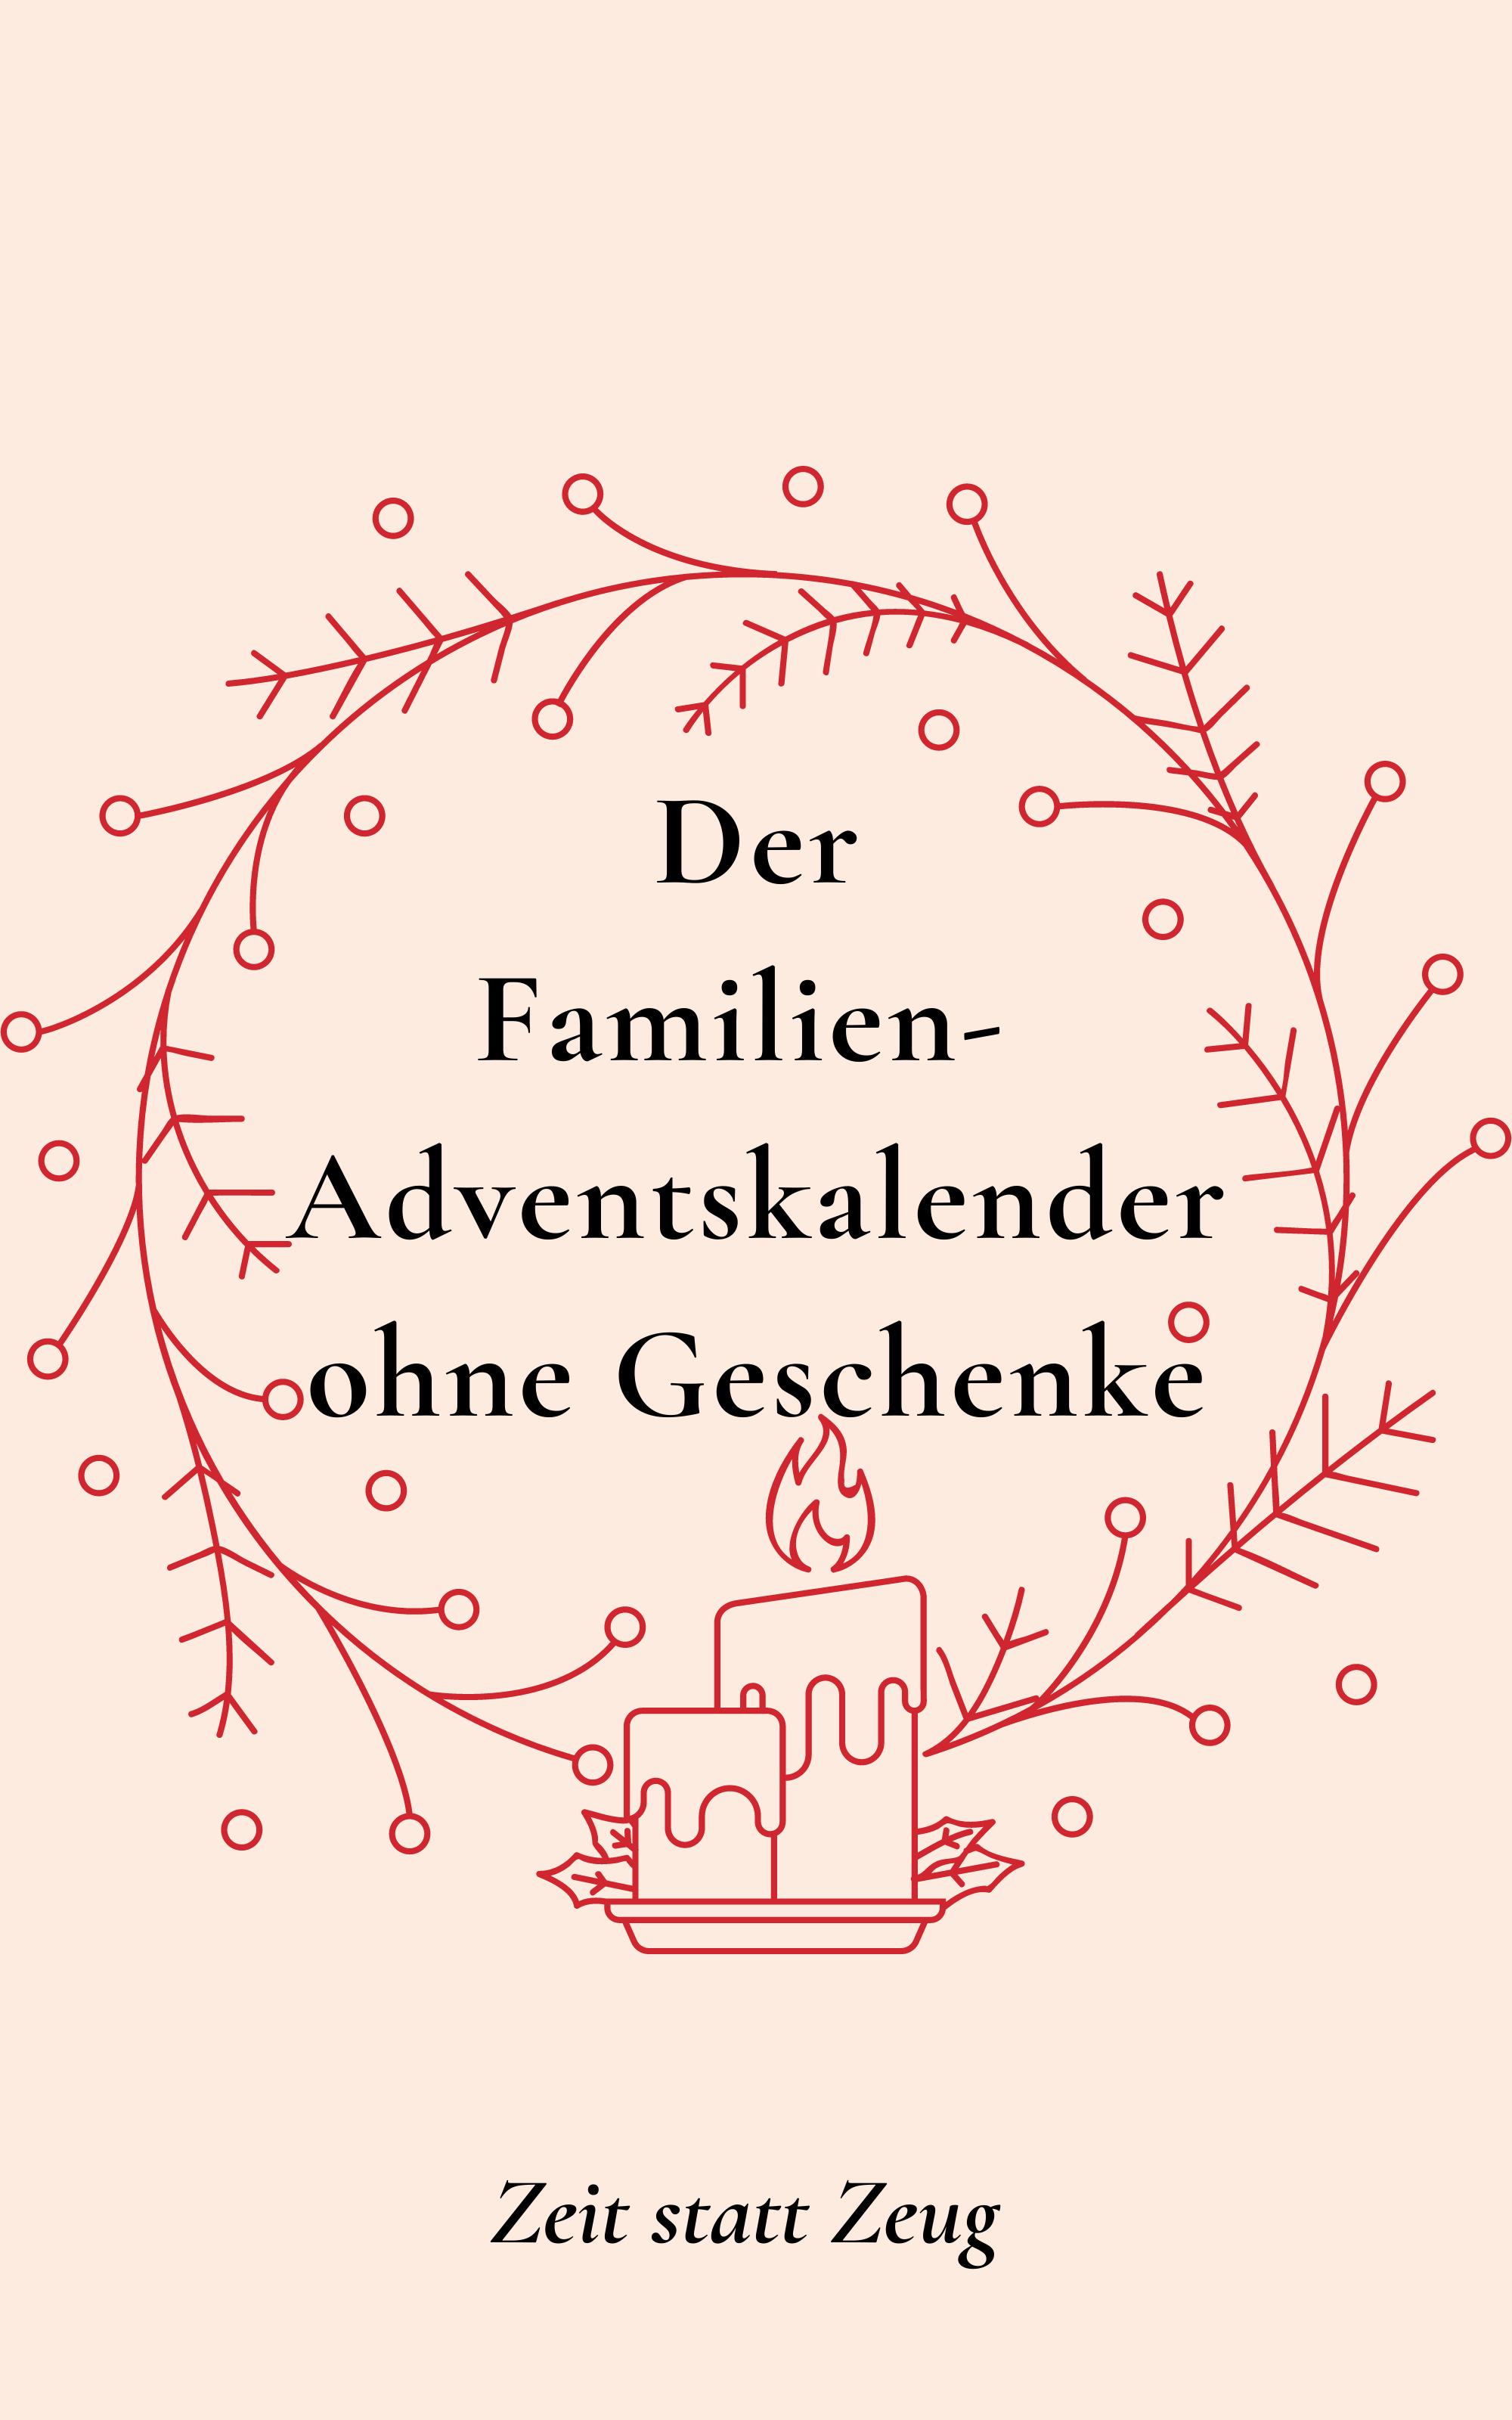 Zeit statt Zeug:  Adventskalender ohne Geschenke